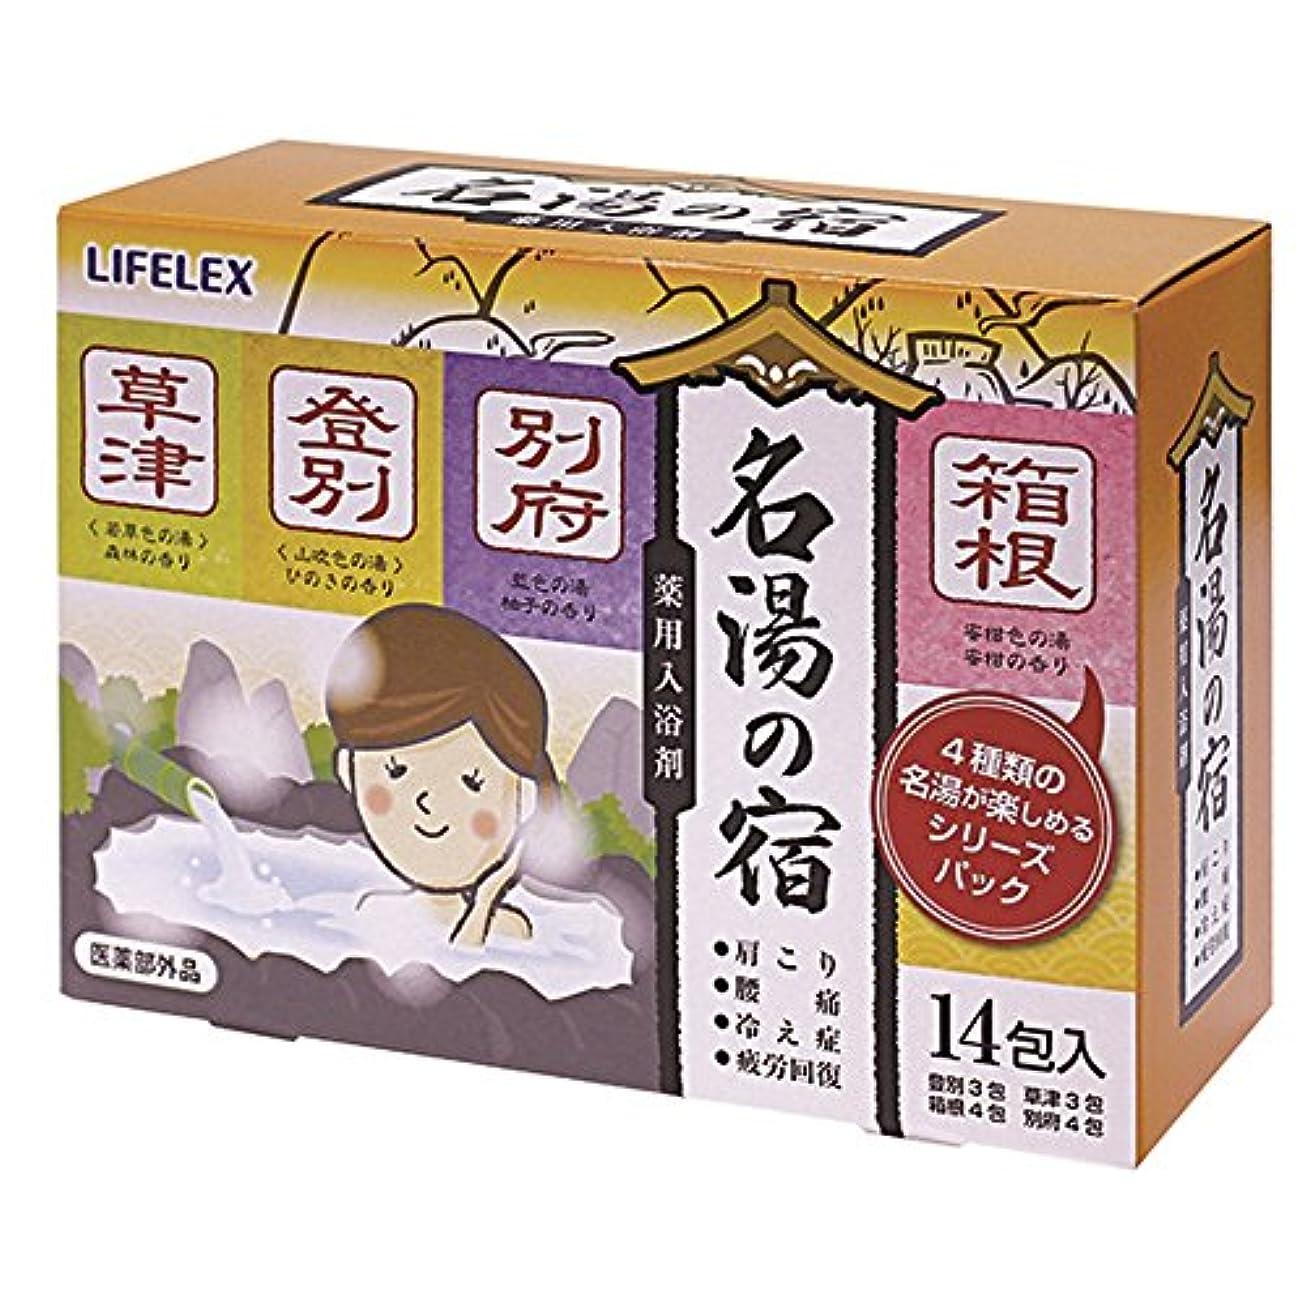 ジャンル敵対的繰り返しコーナン オリジナル LIFELEX 名湯の宿 薬用入浴剤 14包入